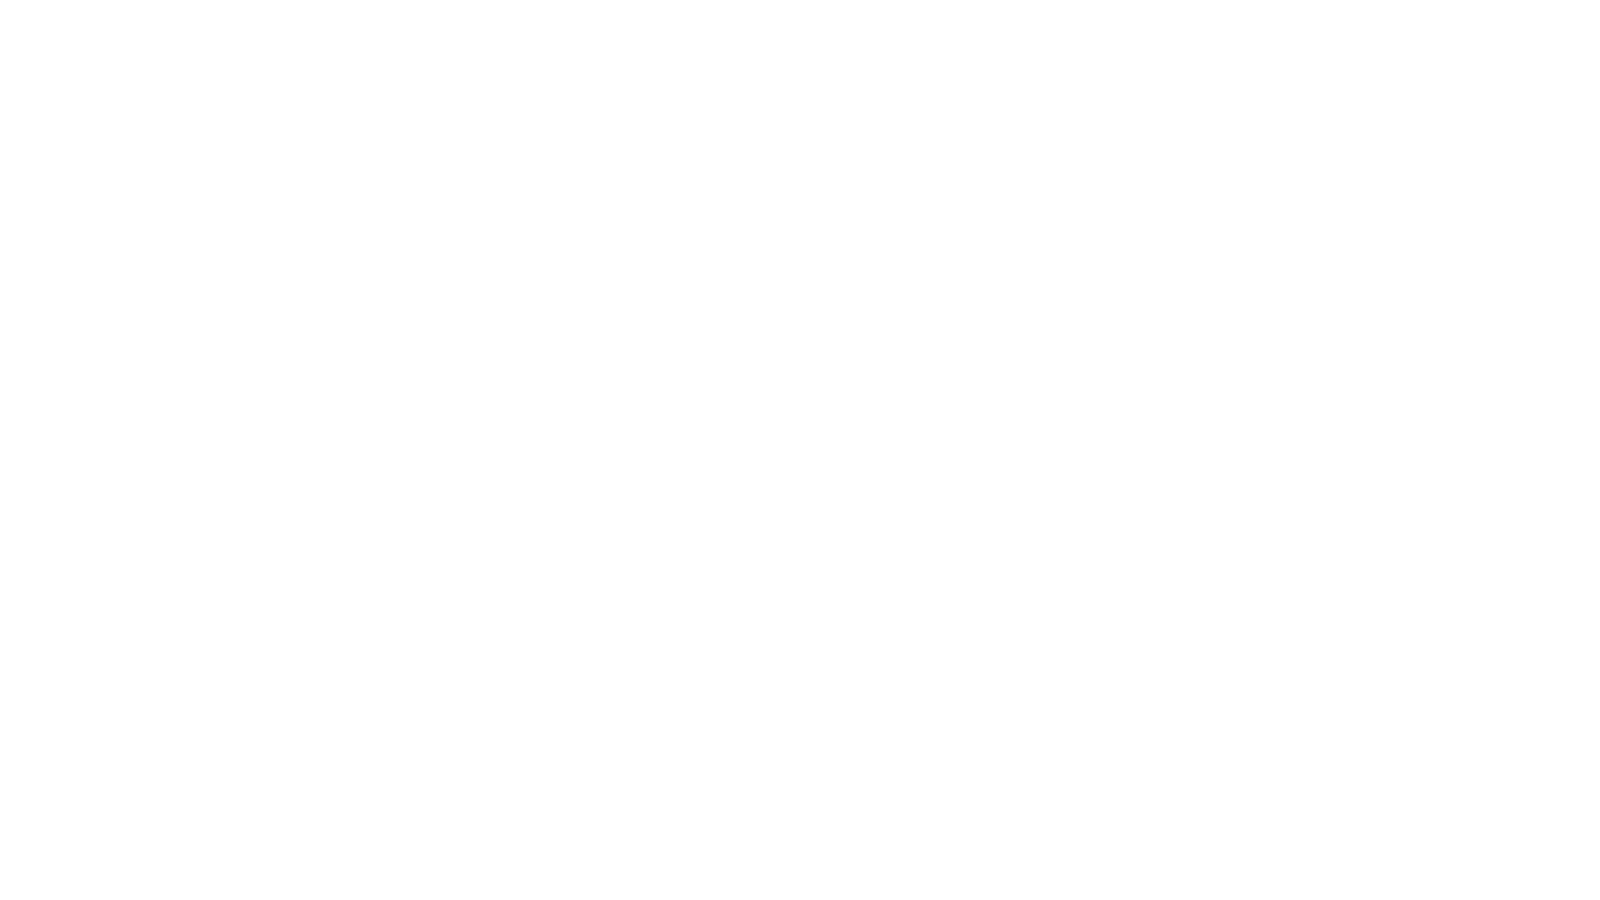 📣 Duyuru  📣   Sevgili Müzik Sevenler, Profesyonel Saz kurslarimiz Wuppertal ve Cevresi icin baslamistir.   İletim için bizlere Whats App den ulasabilirsiniz 020225315100  Adres:  Concordia Gebäude ( Rathausun Karsısında ) Lindenstraße 3 42275 Wuppertal   Dostça kalın Nachhilfe und Bildungsinstitut Wuppertal